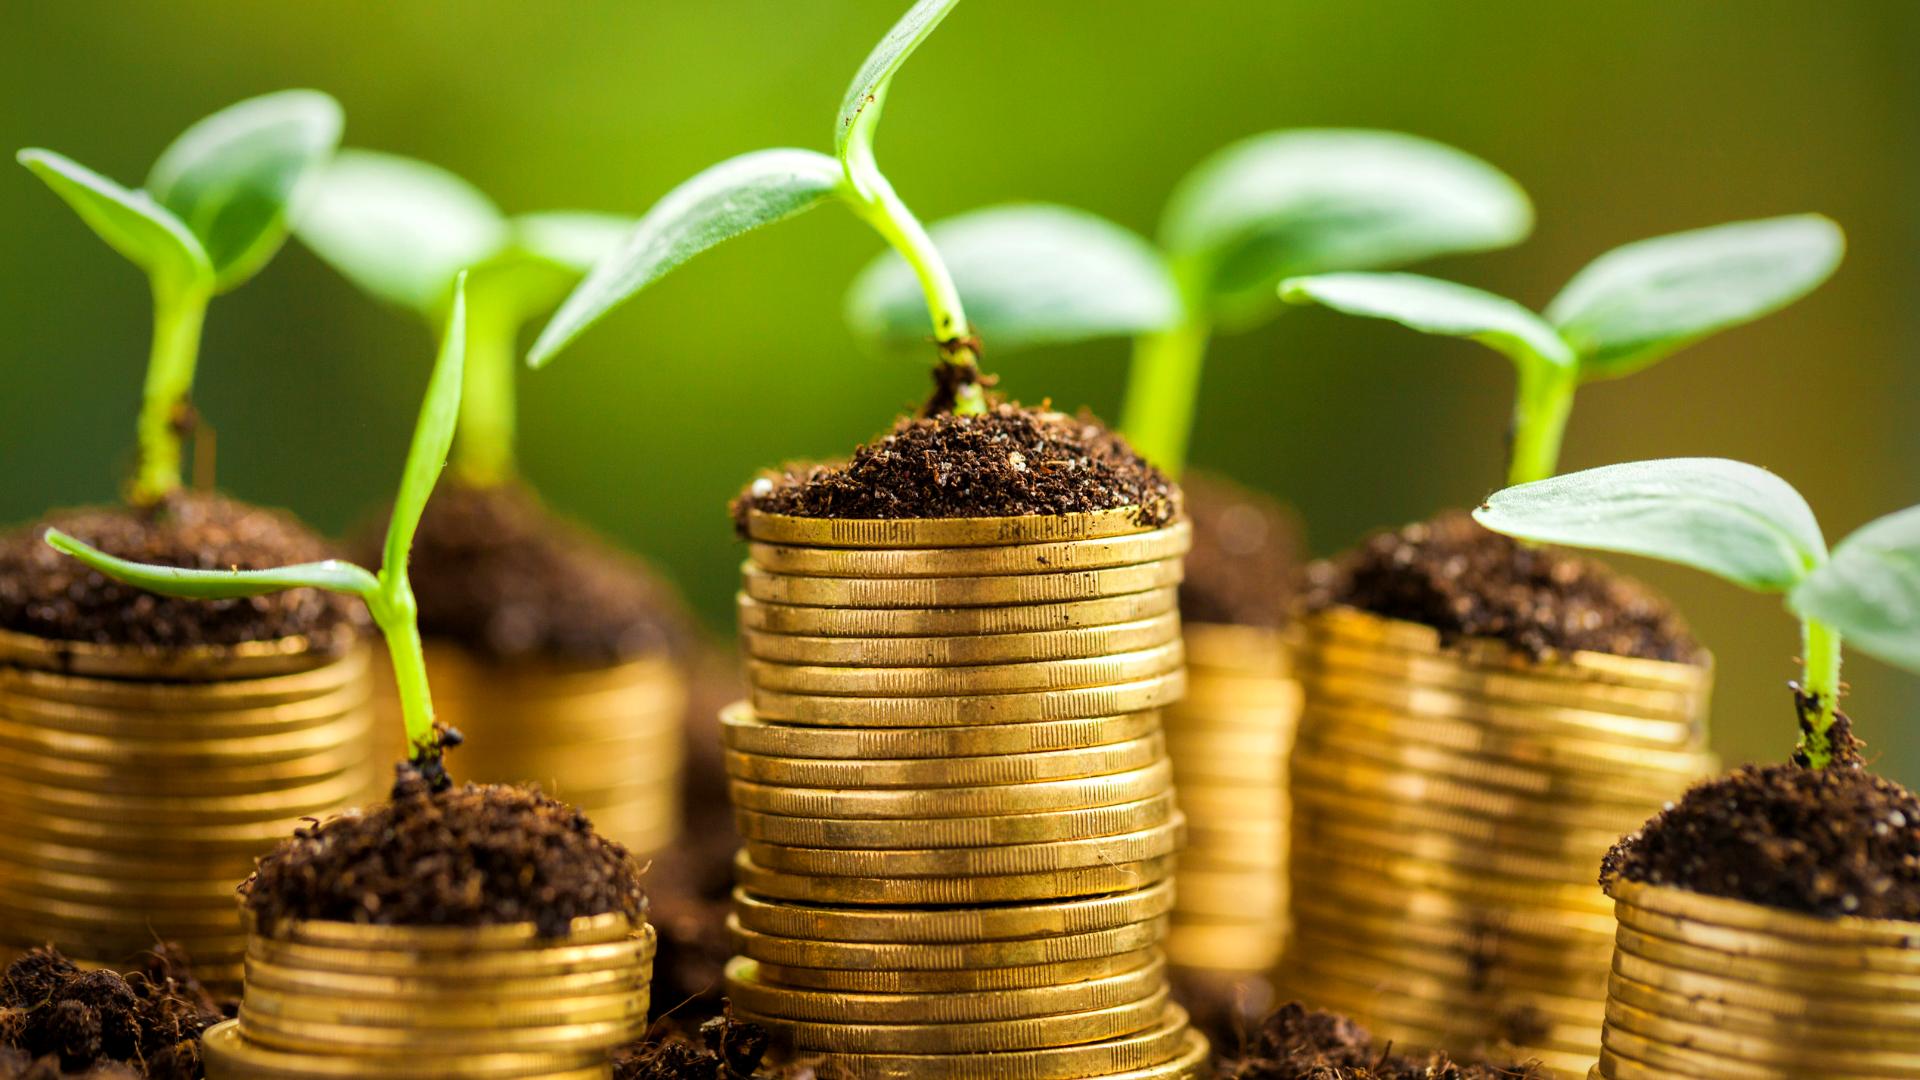 Gewinn erhöhen mit der richtigen Preisstrategie